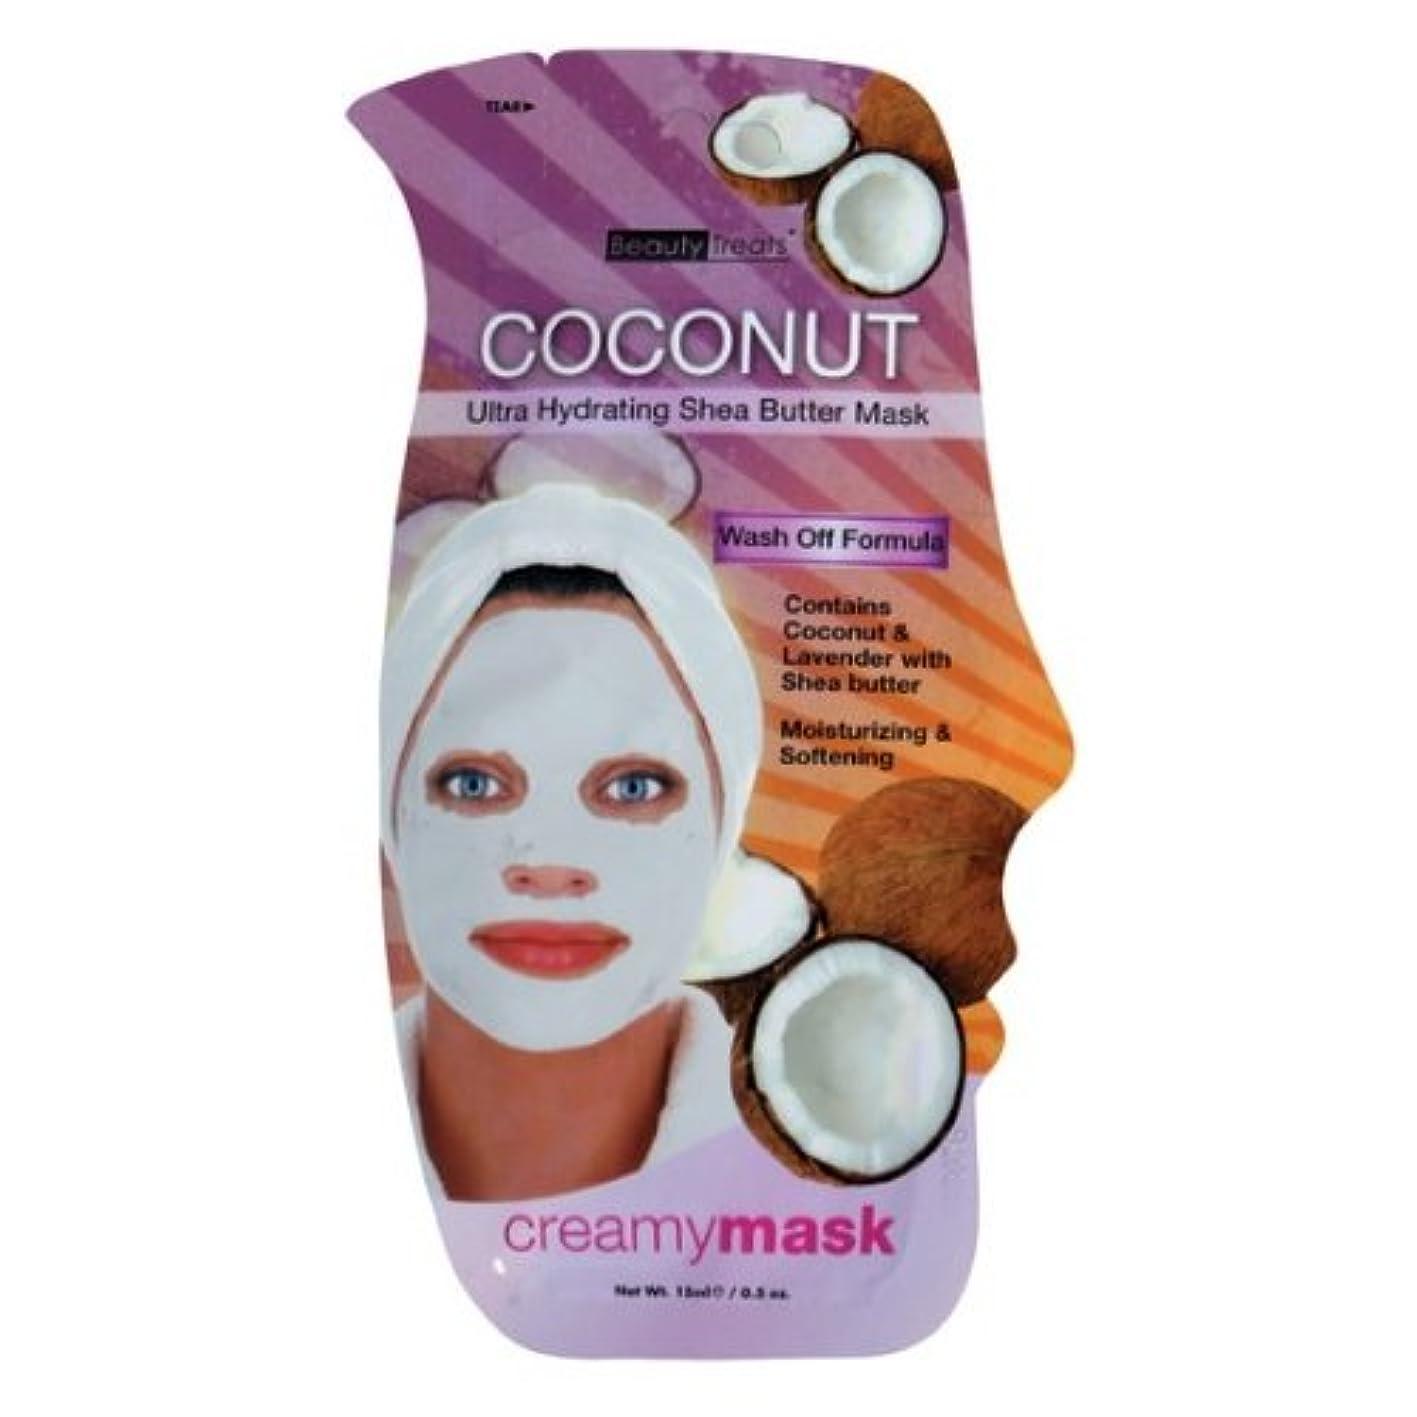 宝石寝具パラナ川(3 Pack) BEAUTY TREATS Coconut Ultra Hydrating Shea Butter Mask - Coconut (並行輸入品)